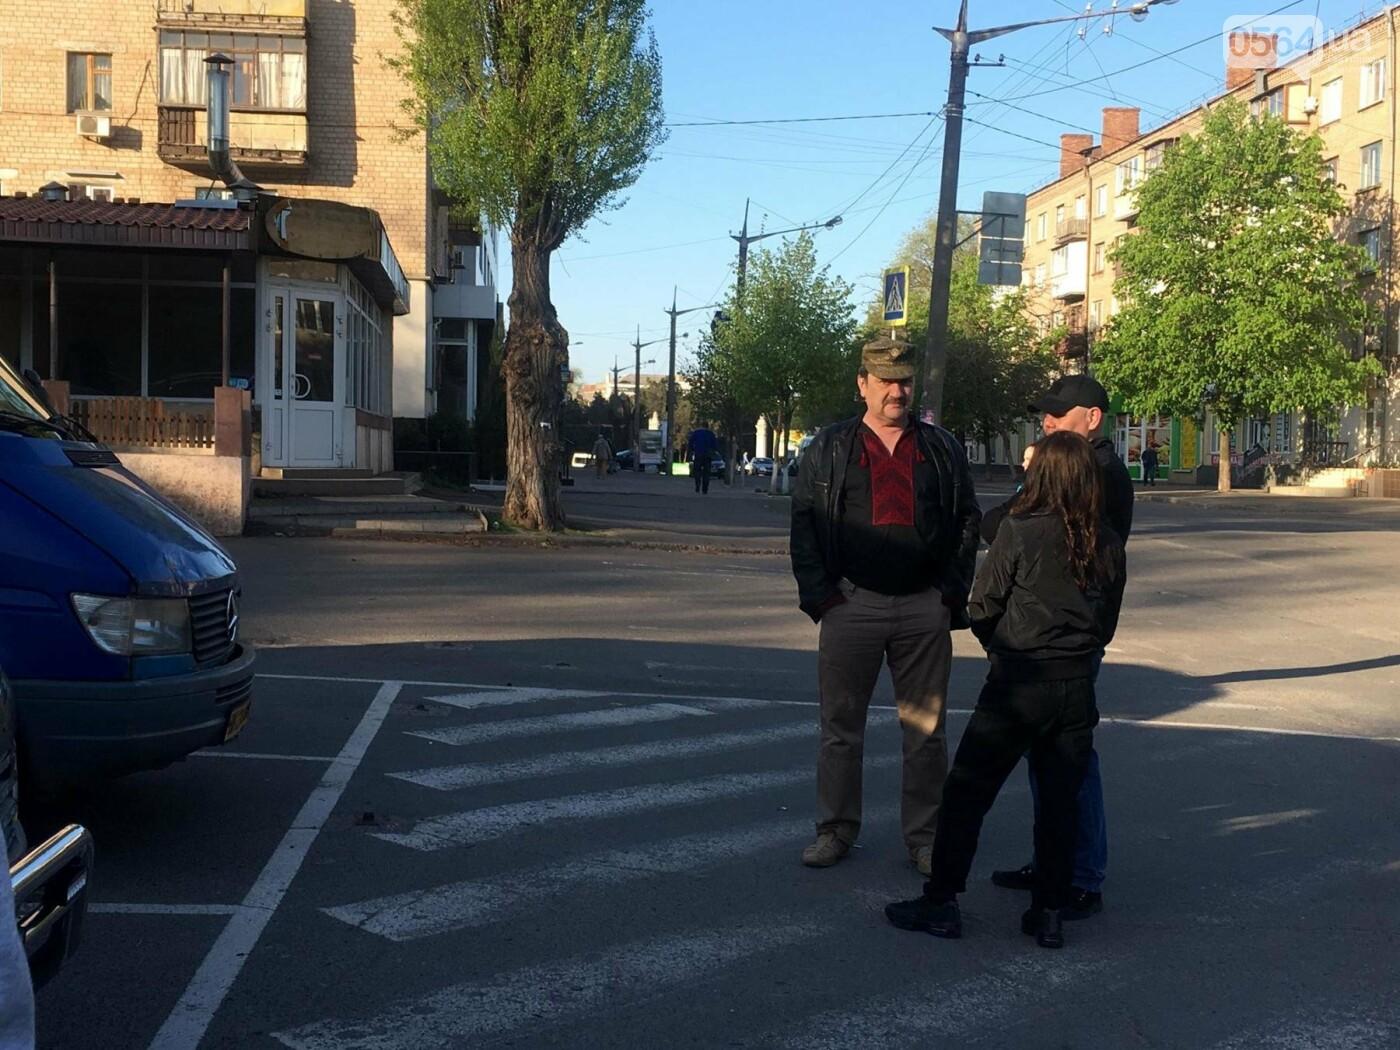 Сотни криворожан сегодня утром выехали на Хортицу, где высадят дубы и установят Крестомеч (ФОТО, ВИДЕО), фото-10